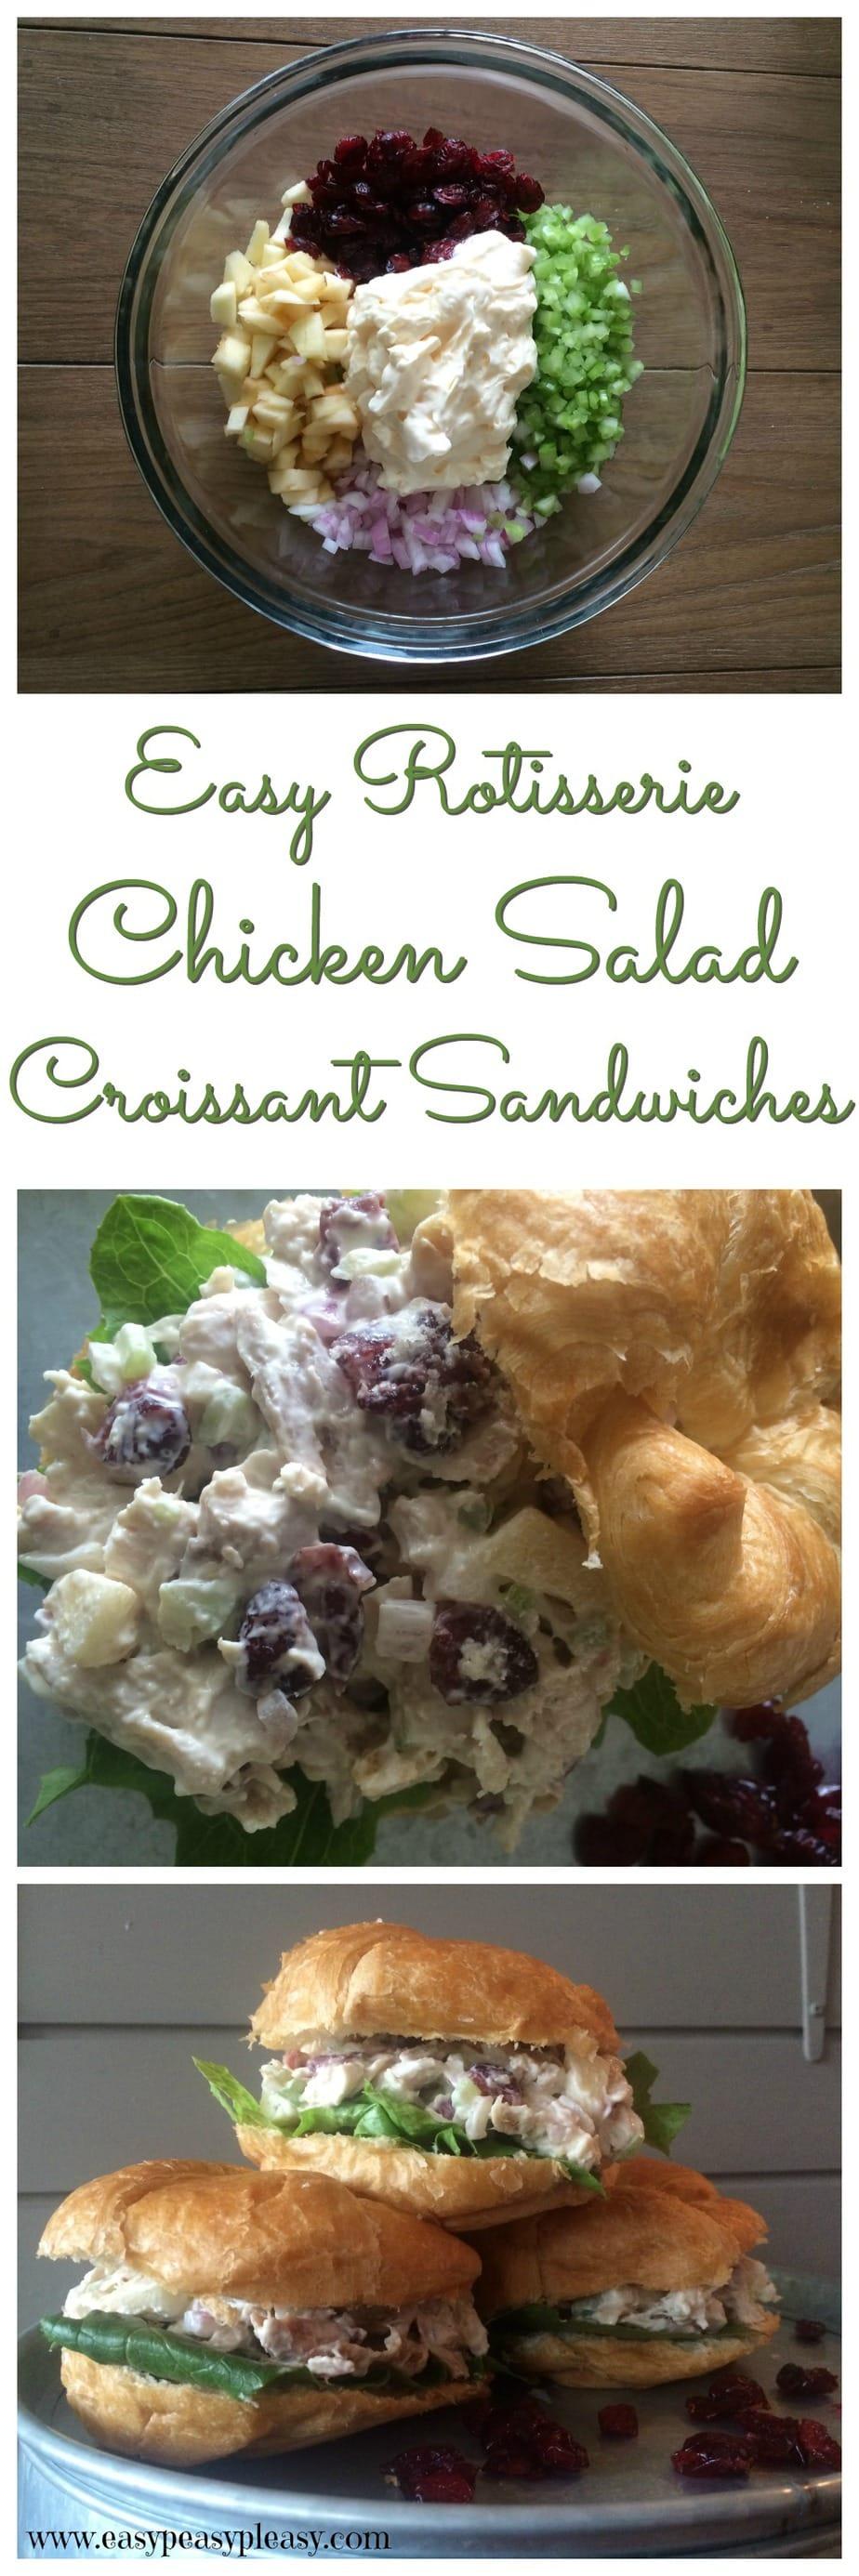 Rotisserie Chicken Salad Croissant Sandwiches Easy Peasy Pleasy